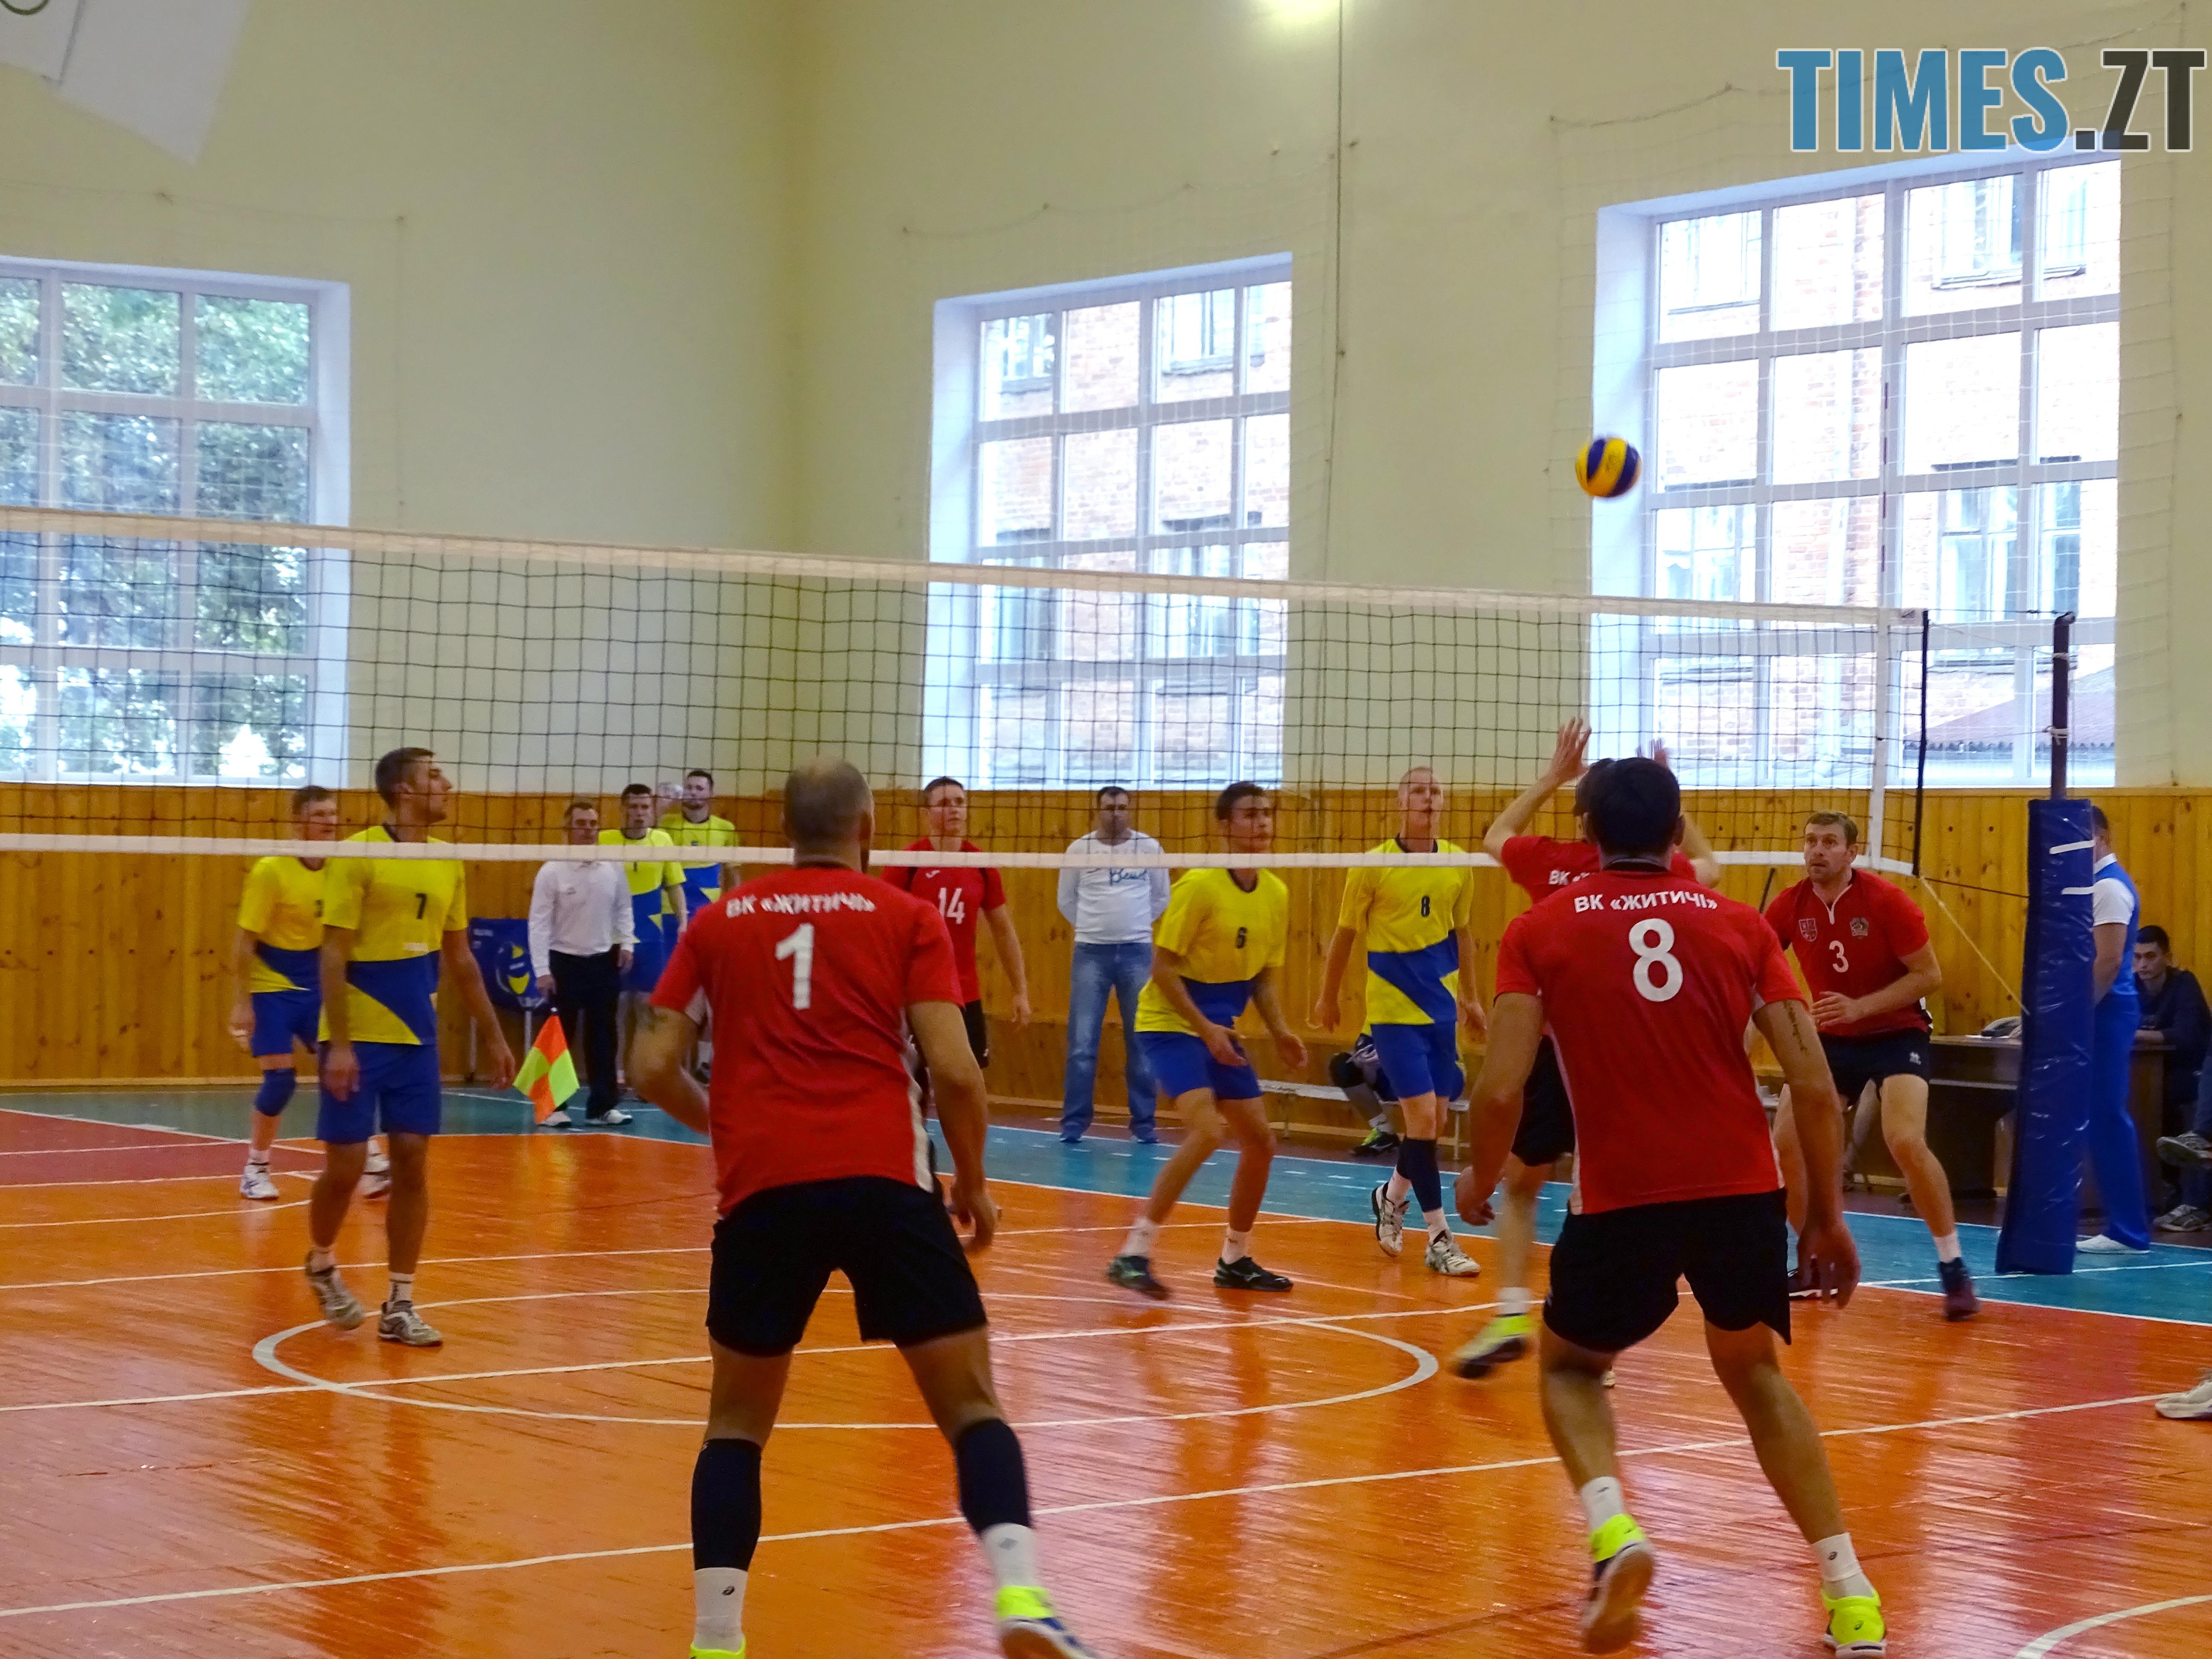 DSC01913 - ВК «Житичі» виборов три перемоги поспіль на старті Кубку України (ФОТО)